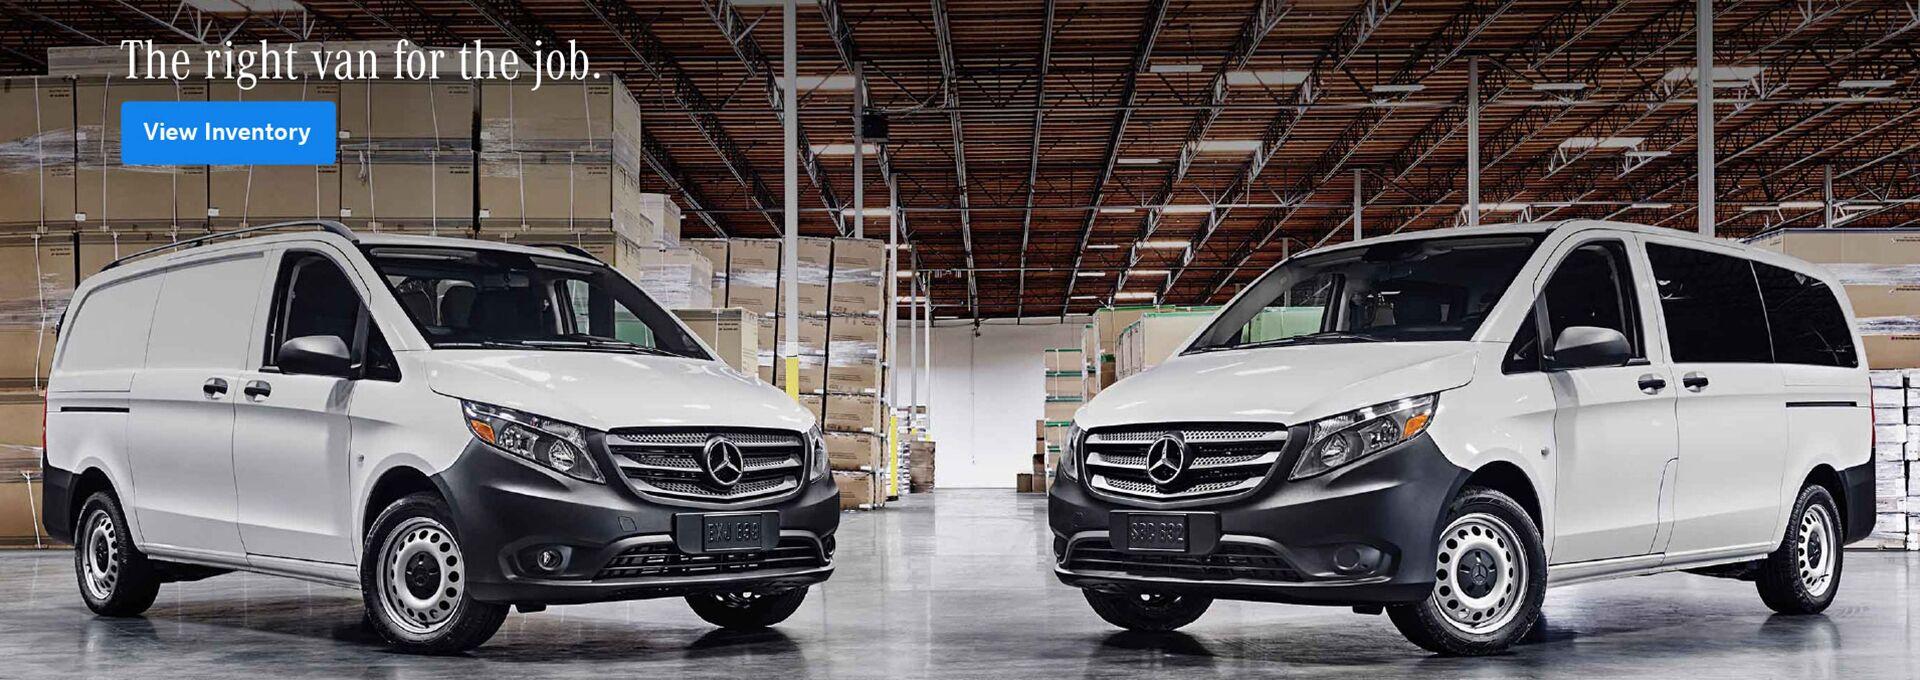 Jack Ingram Value Cars >> Mercedes-Benz Dealership Montgomery AL | Used Cars Jack